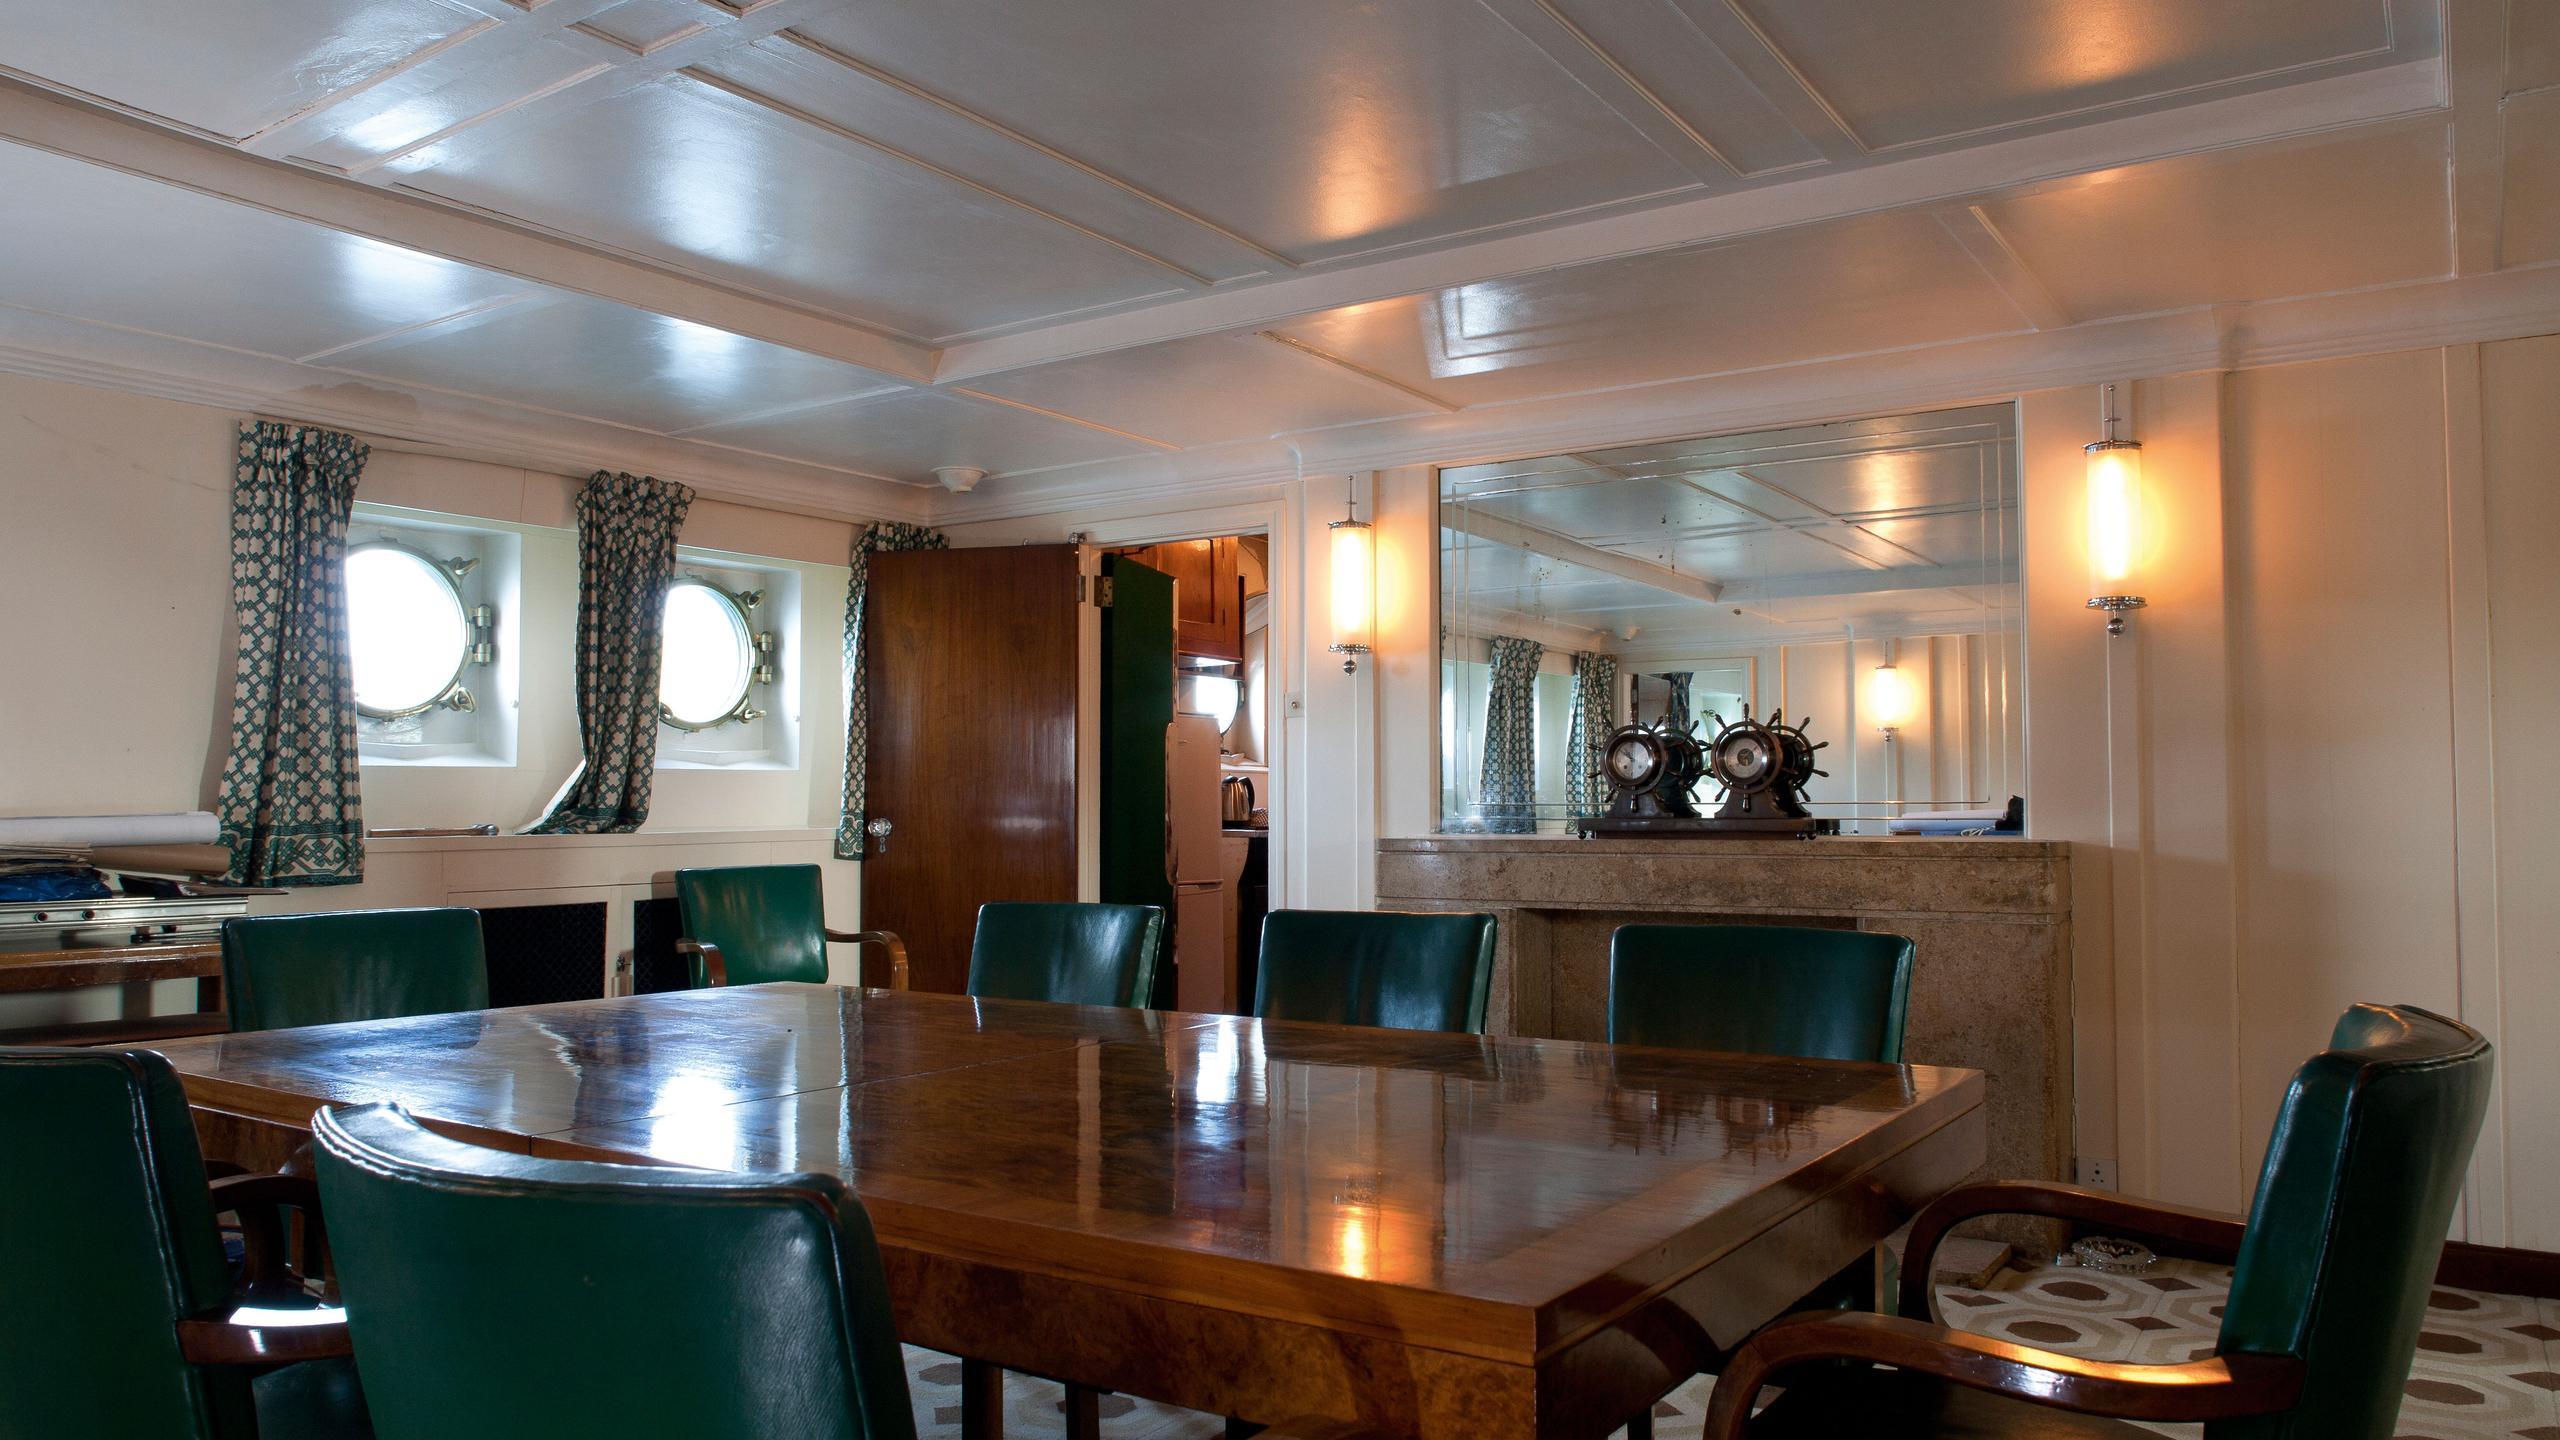 Shemara-classic-motor-yacht-1938-64m-dining-room